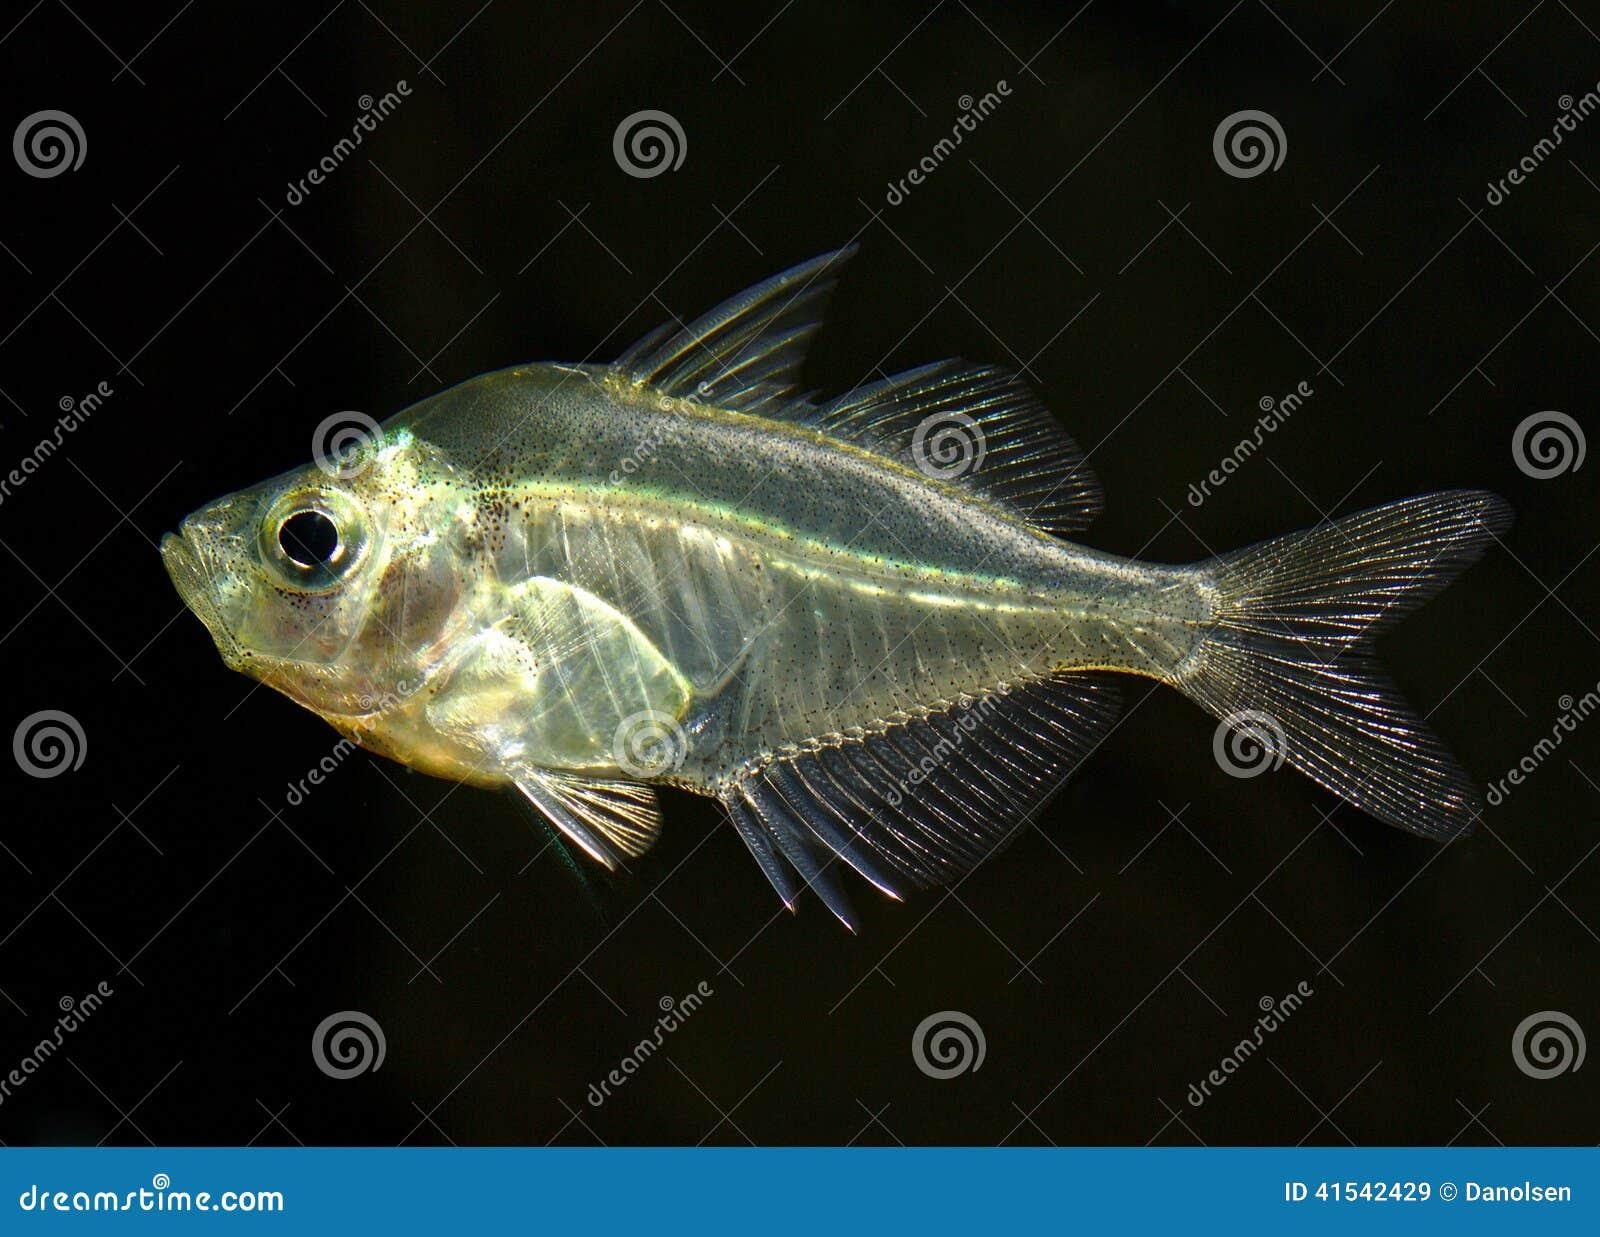 Freshwater fish hobby - Parambassis Ranga